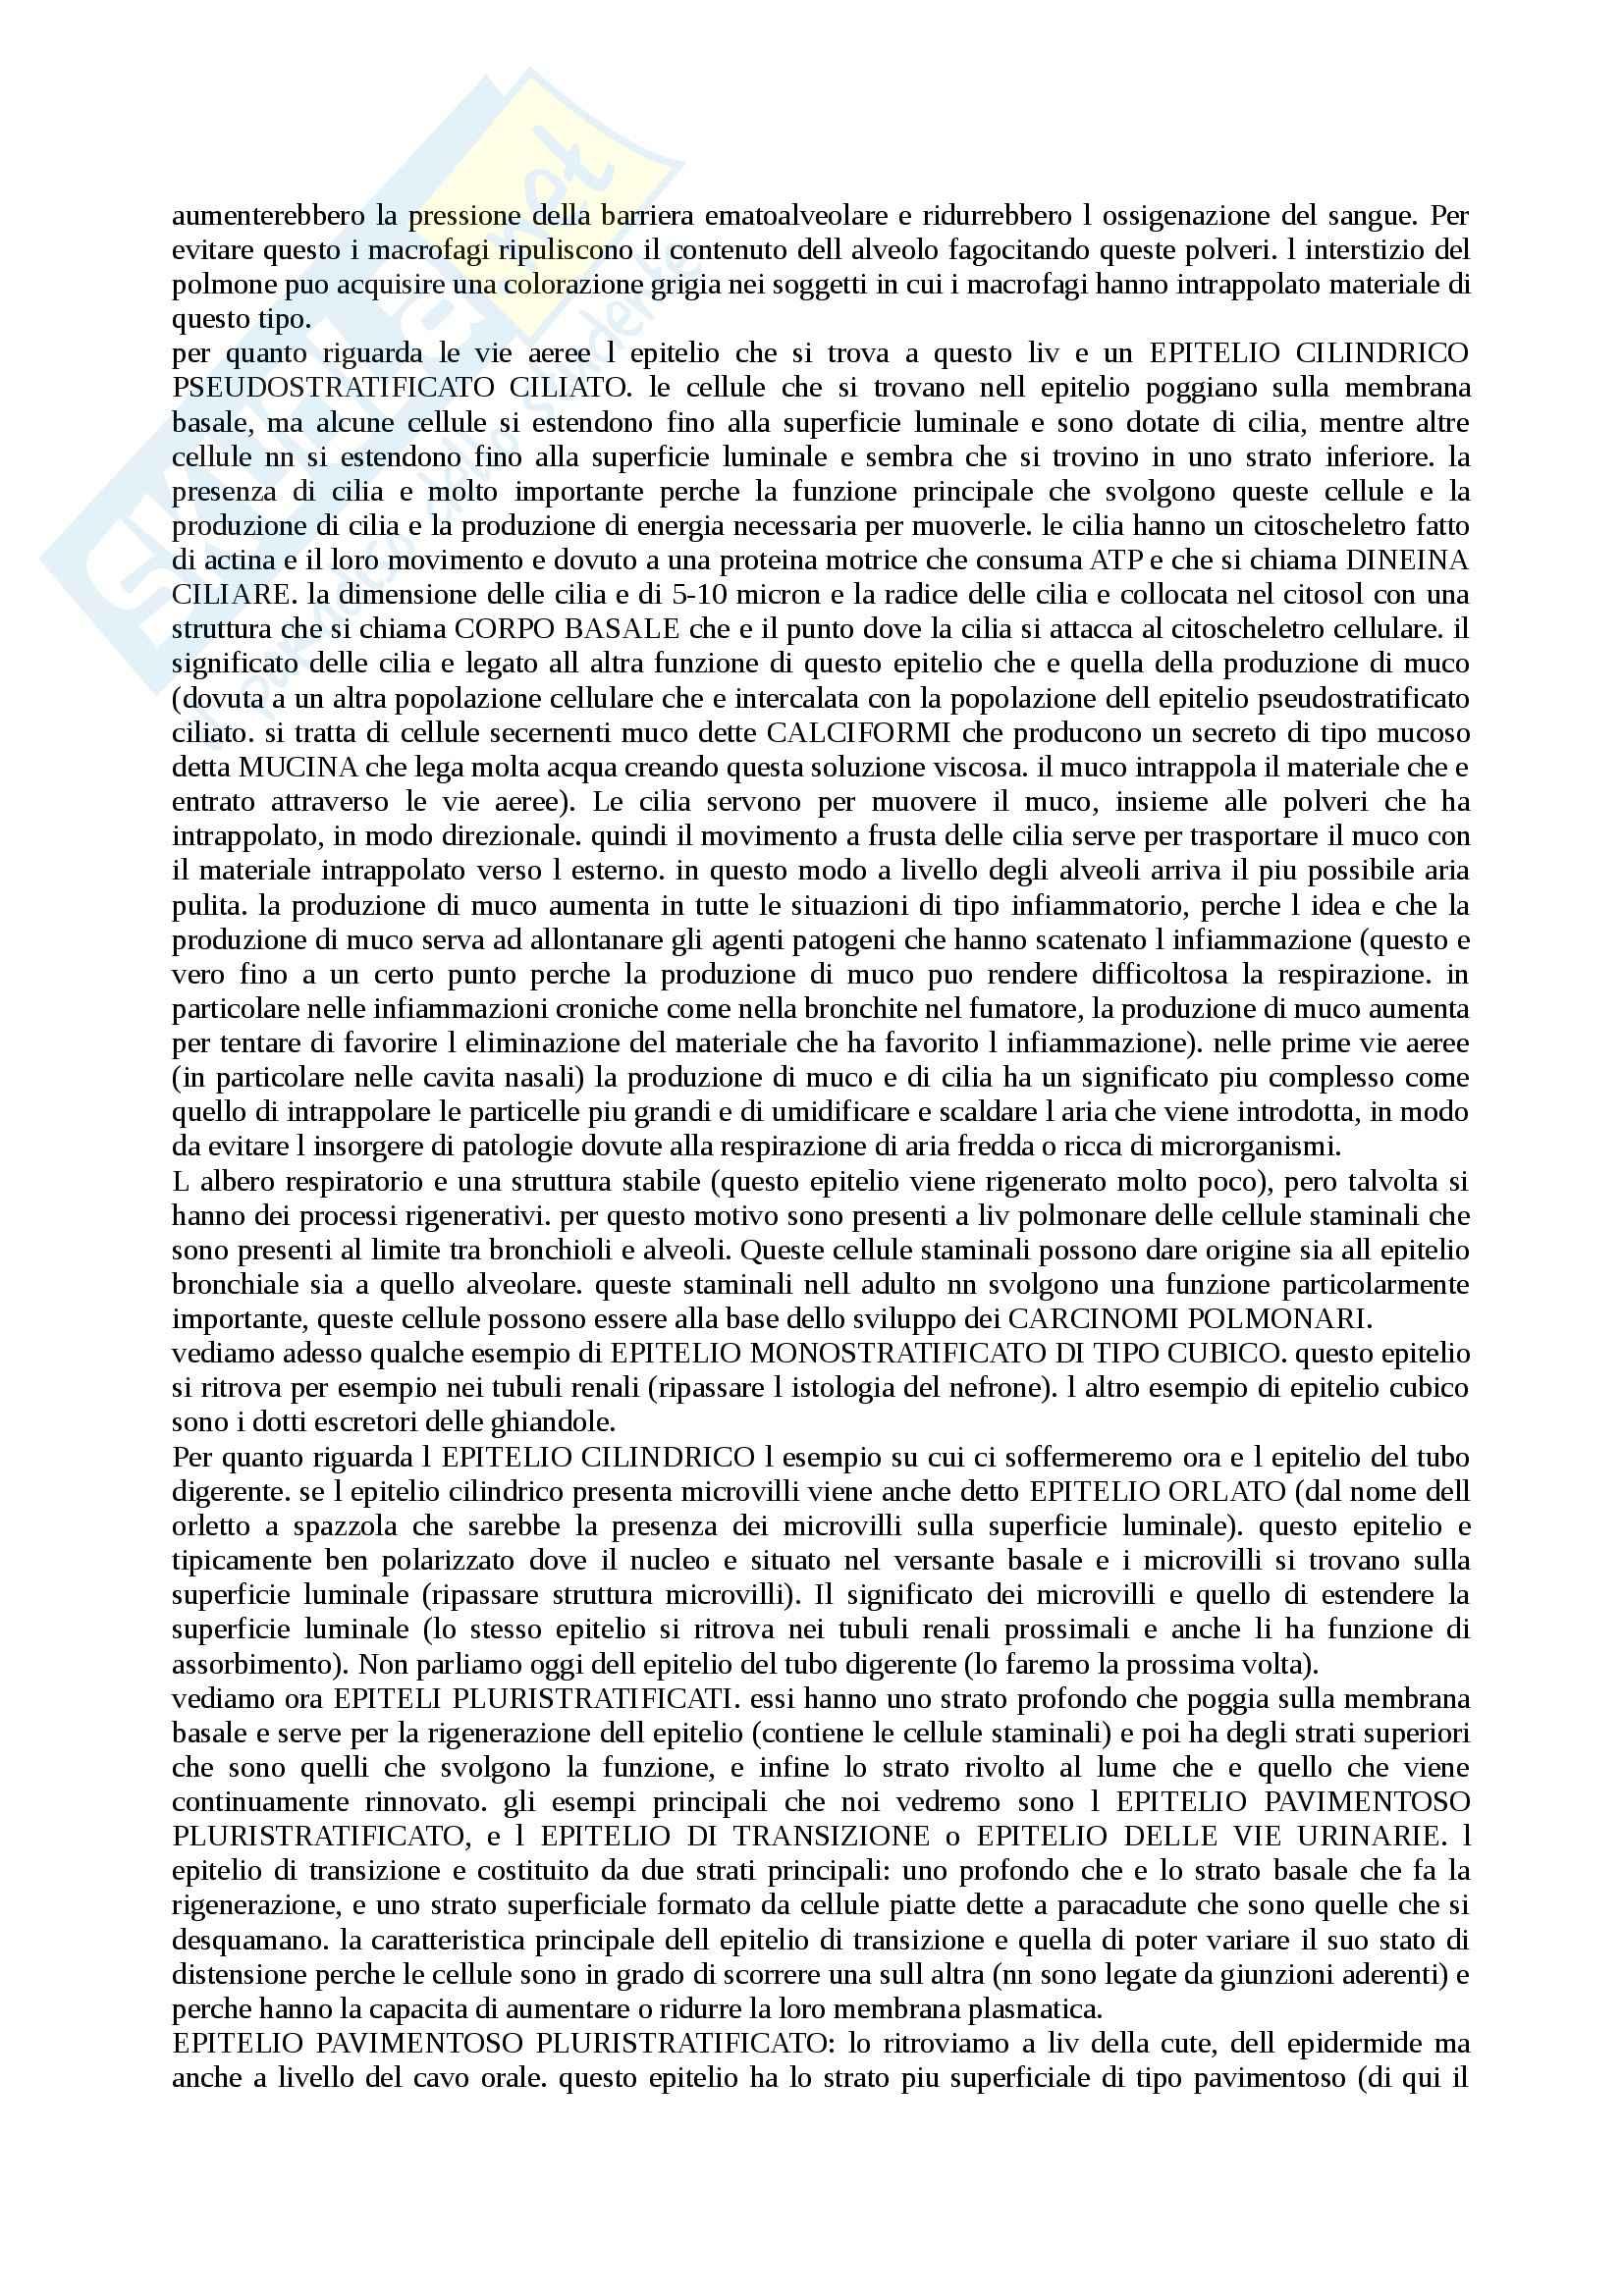 Anatomia e Istologia - Appunti Pag. 31